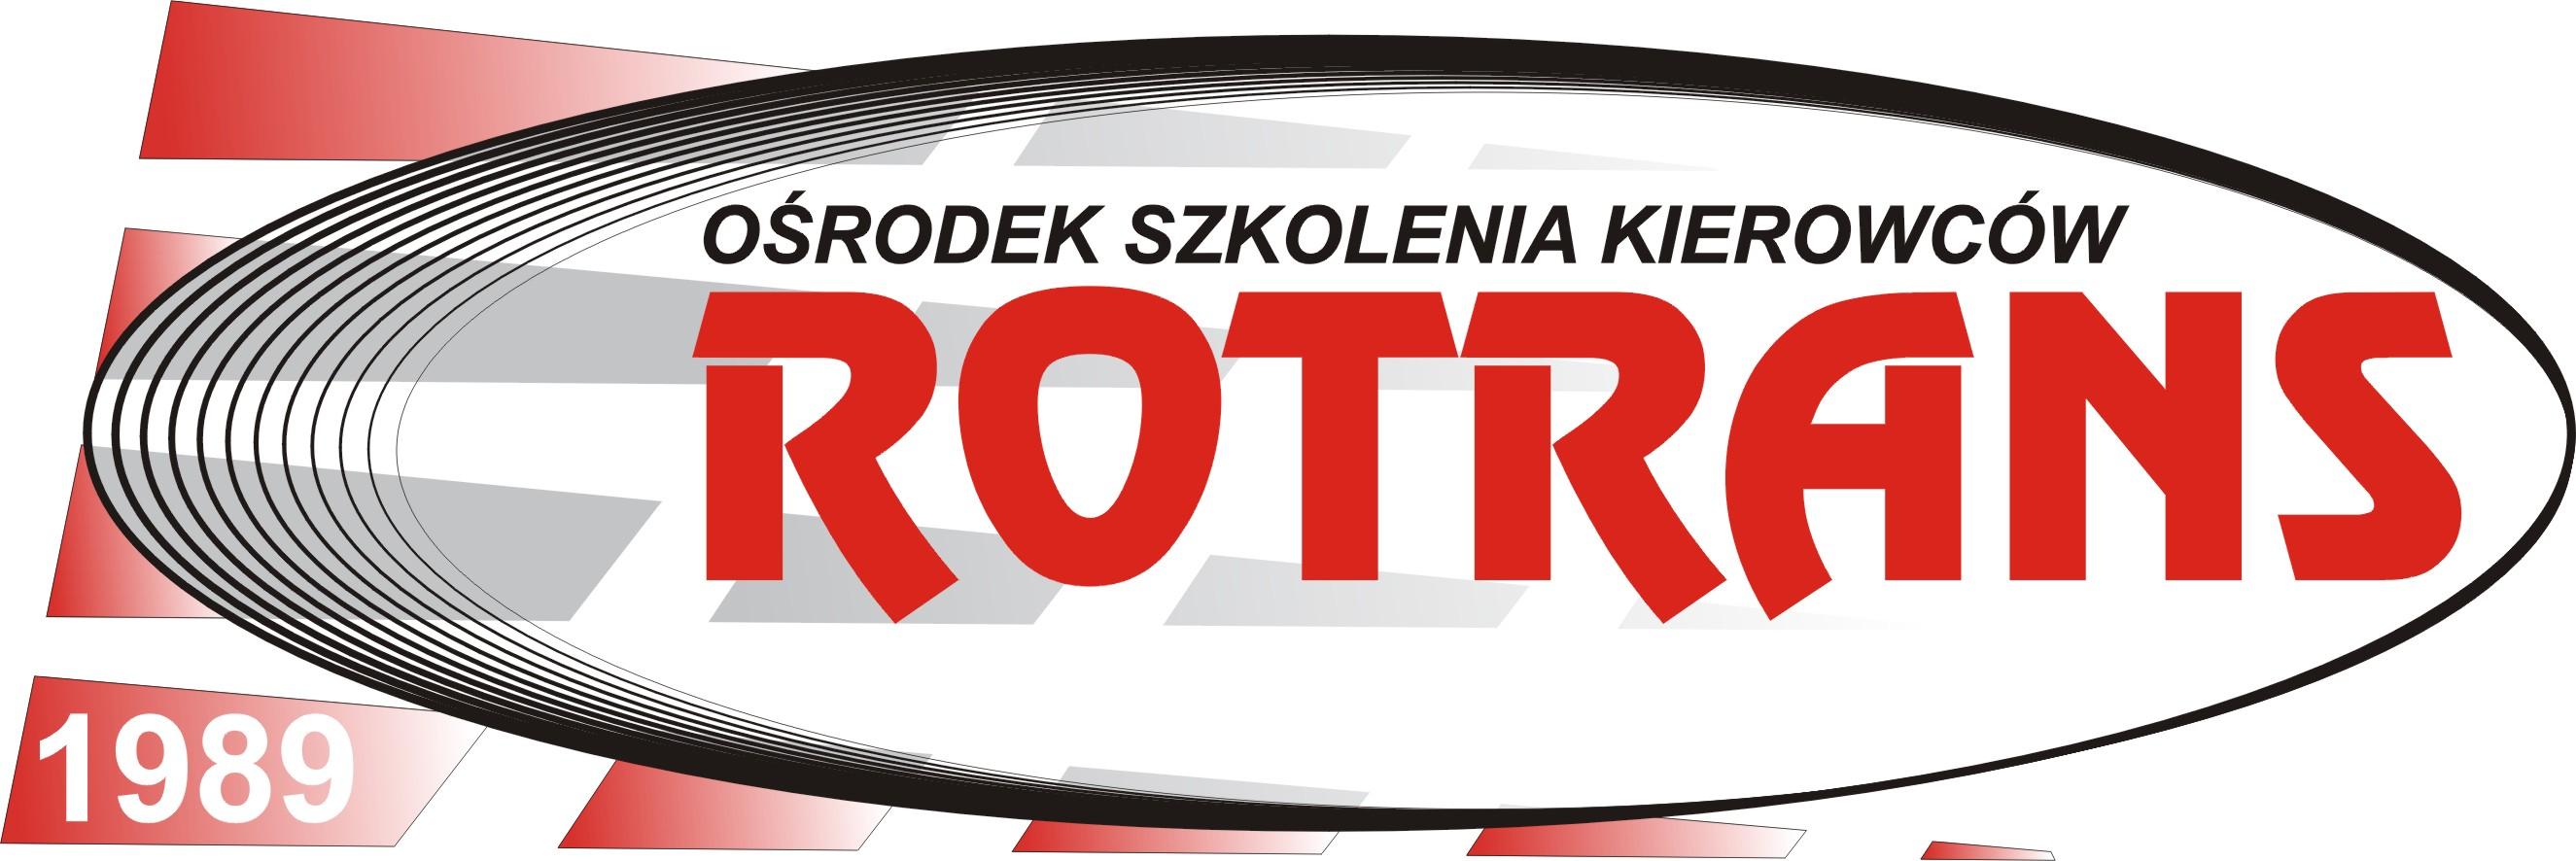 Logo Doskonalenie i Szkolenie Kierowców Sp. z o.o.